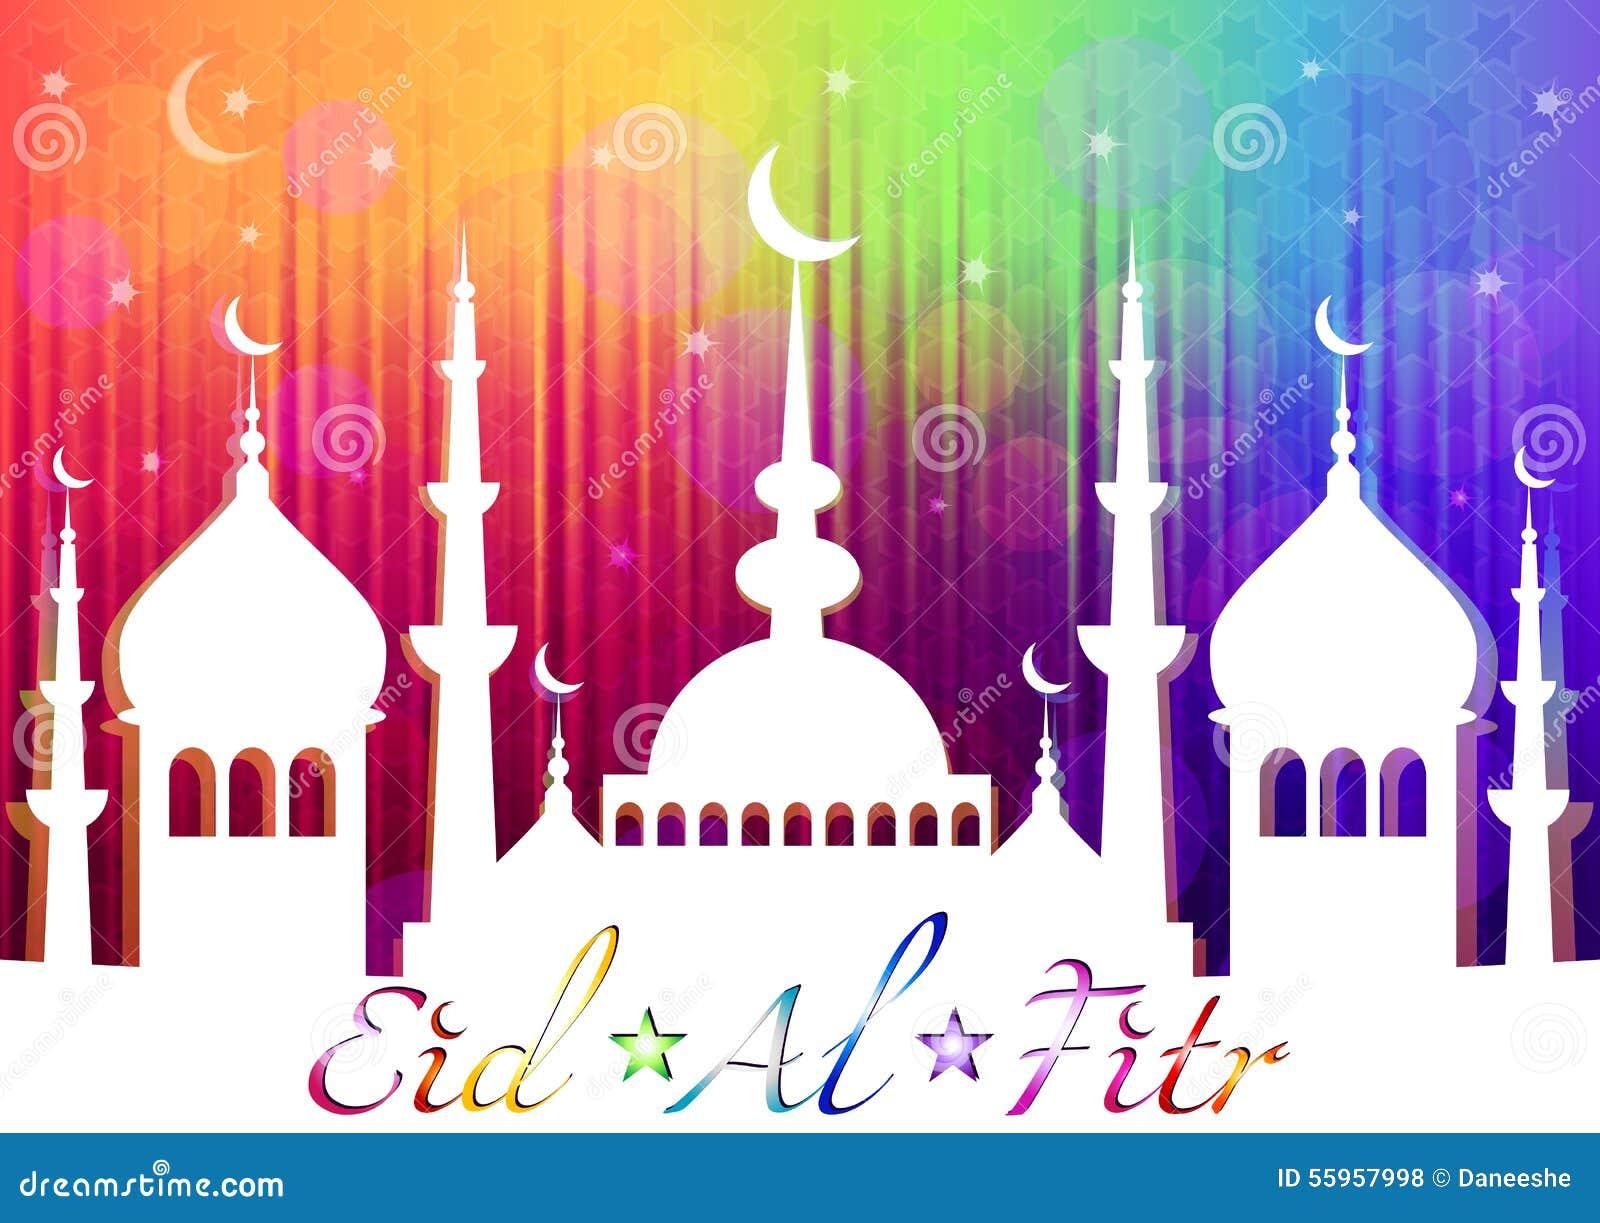 Wonderful Idd Eid Al-Fitr Greeting - card-greeting-islam-feast-eid-al-fitr-finish-ramadan-rainbow-mosque-fasting-month-islamic-holiday-as-well-55957998  Trends_32772 .jpg